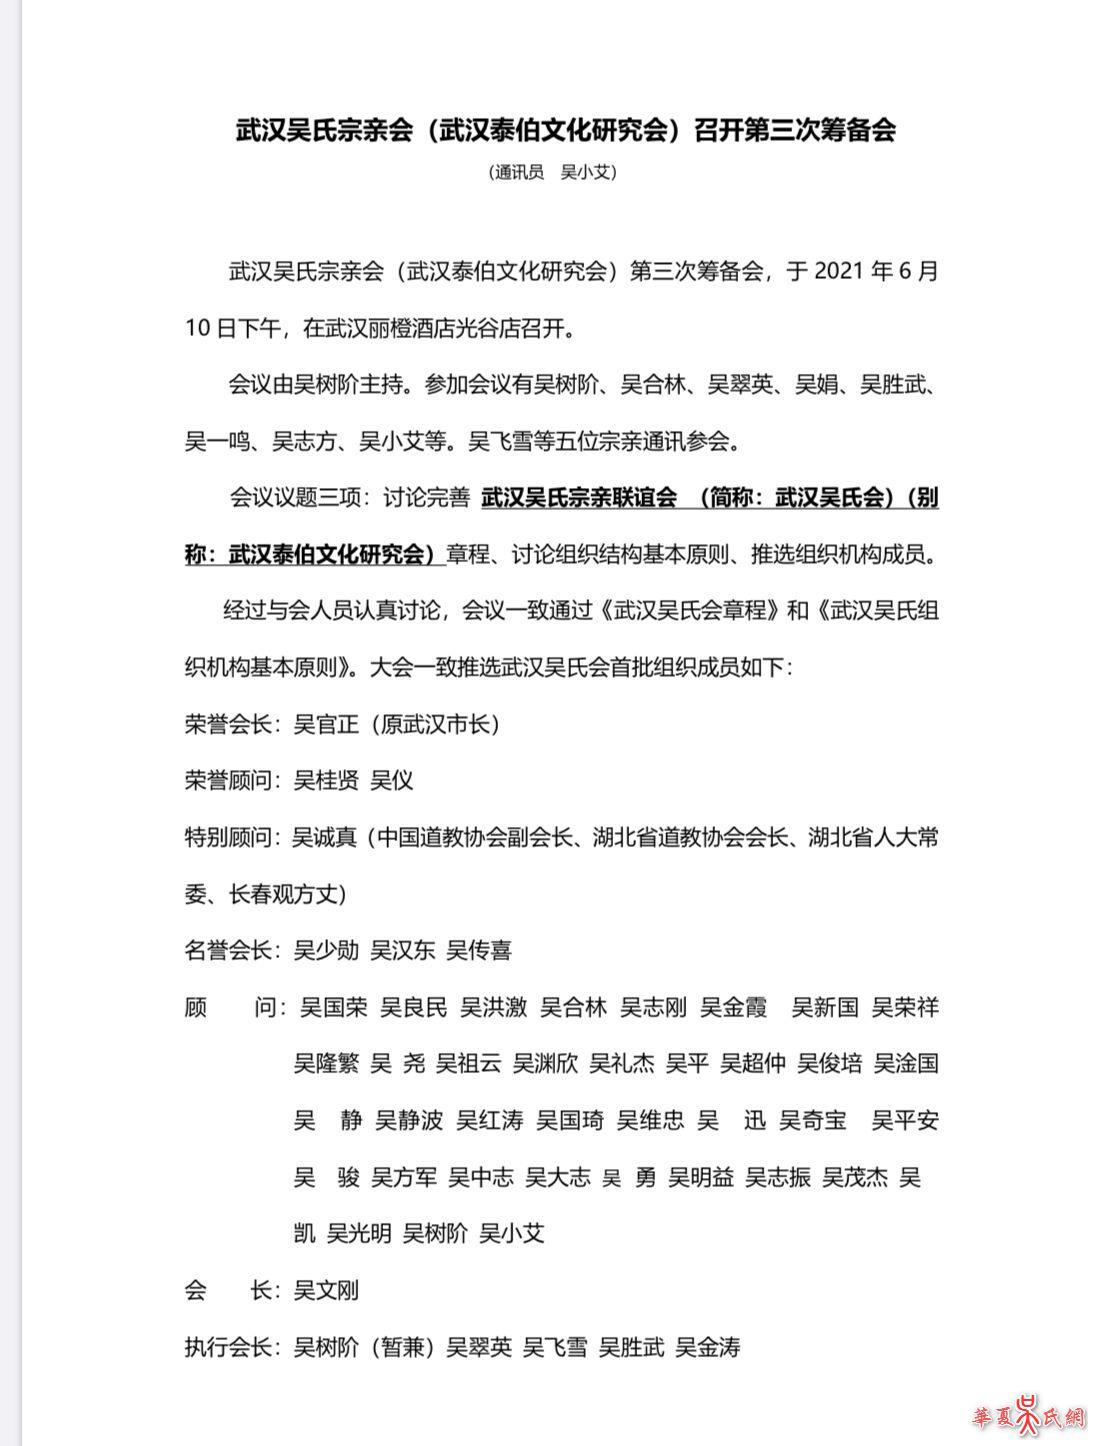 武汉吴氏宗亲会(武汉泰伯文化研究会)召开第三次筹备会